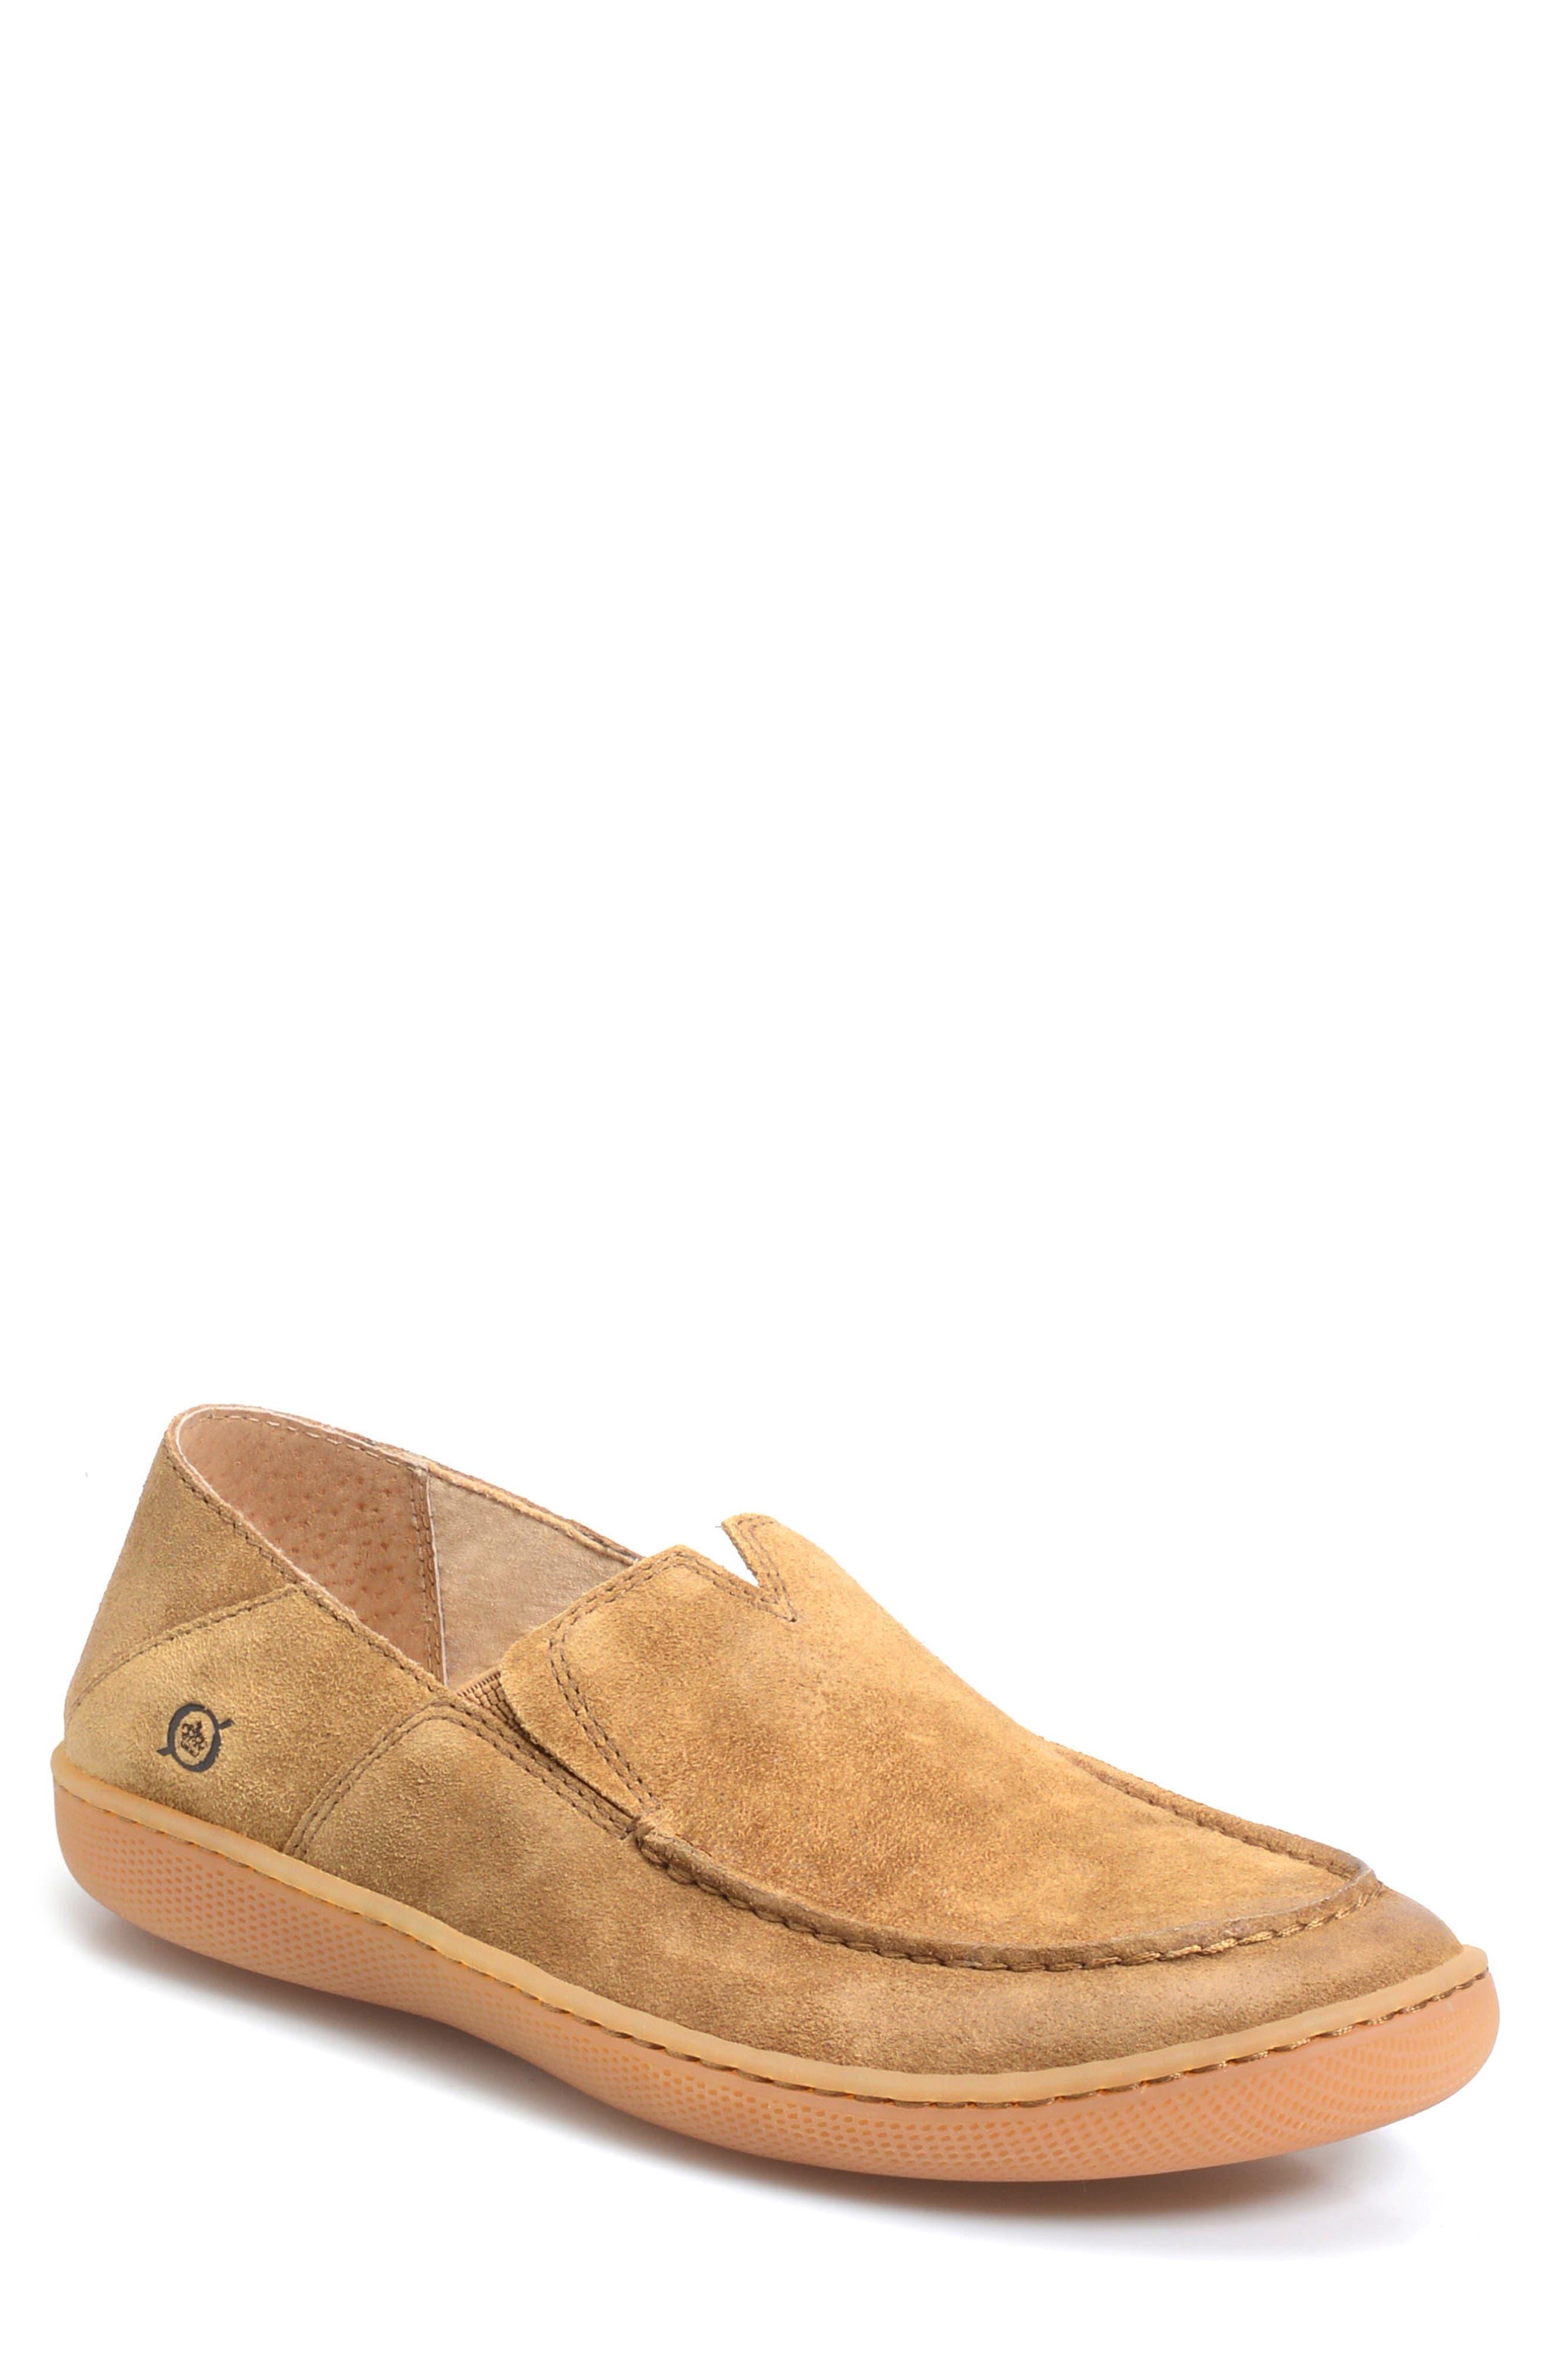 Mackay Slip-On,                         Main,                         color, Brown Suede